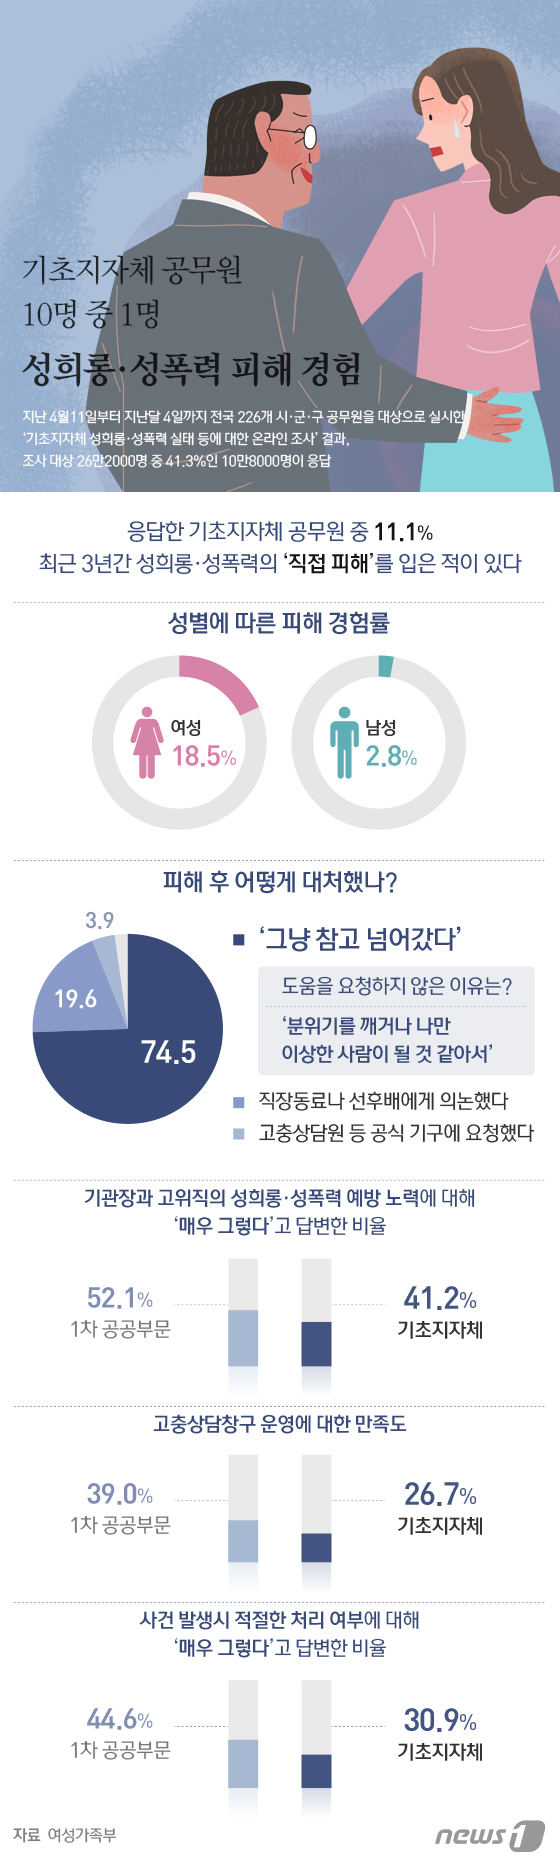 [그래픽뉴스] 기초지자체 공무원 10명 중 1명 성희롱